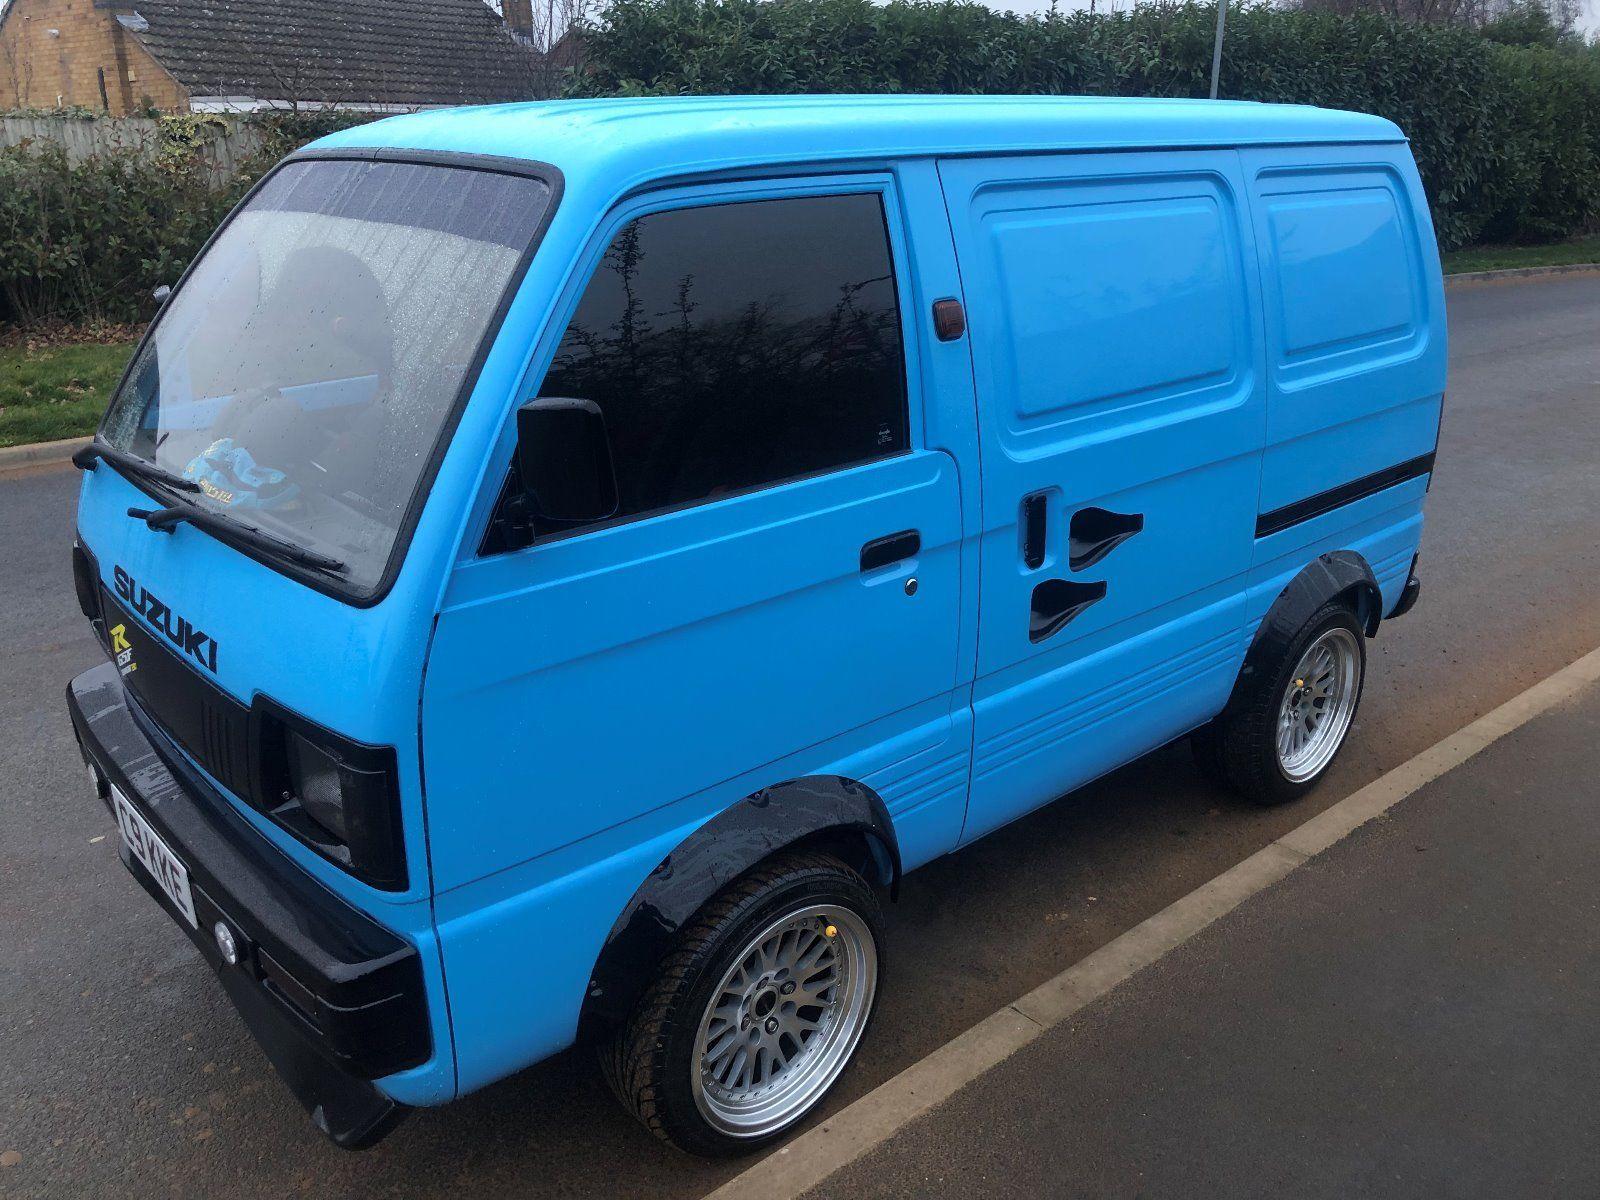 For Sale 1991 Suzuki Van With A Gsx1250 Motorcycle Engine